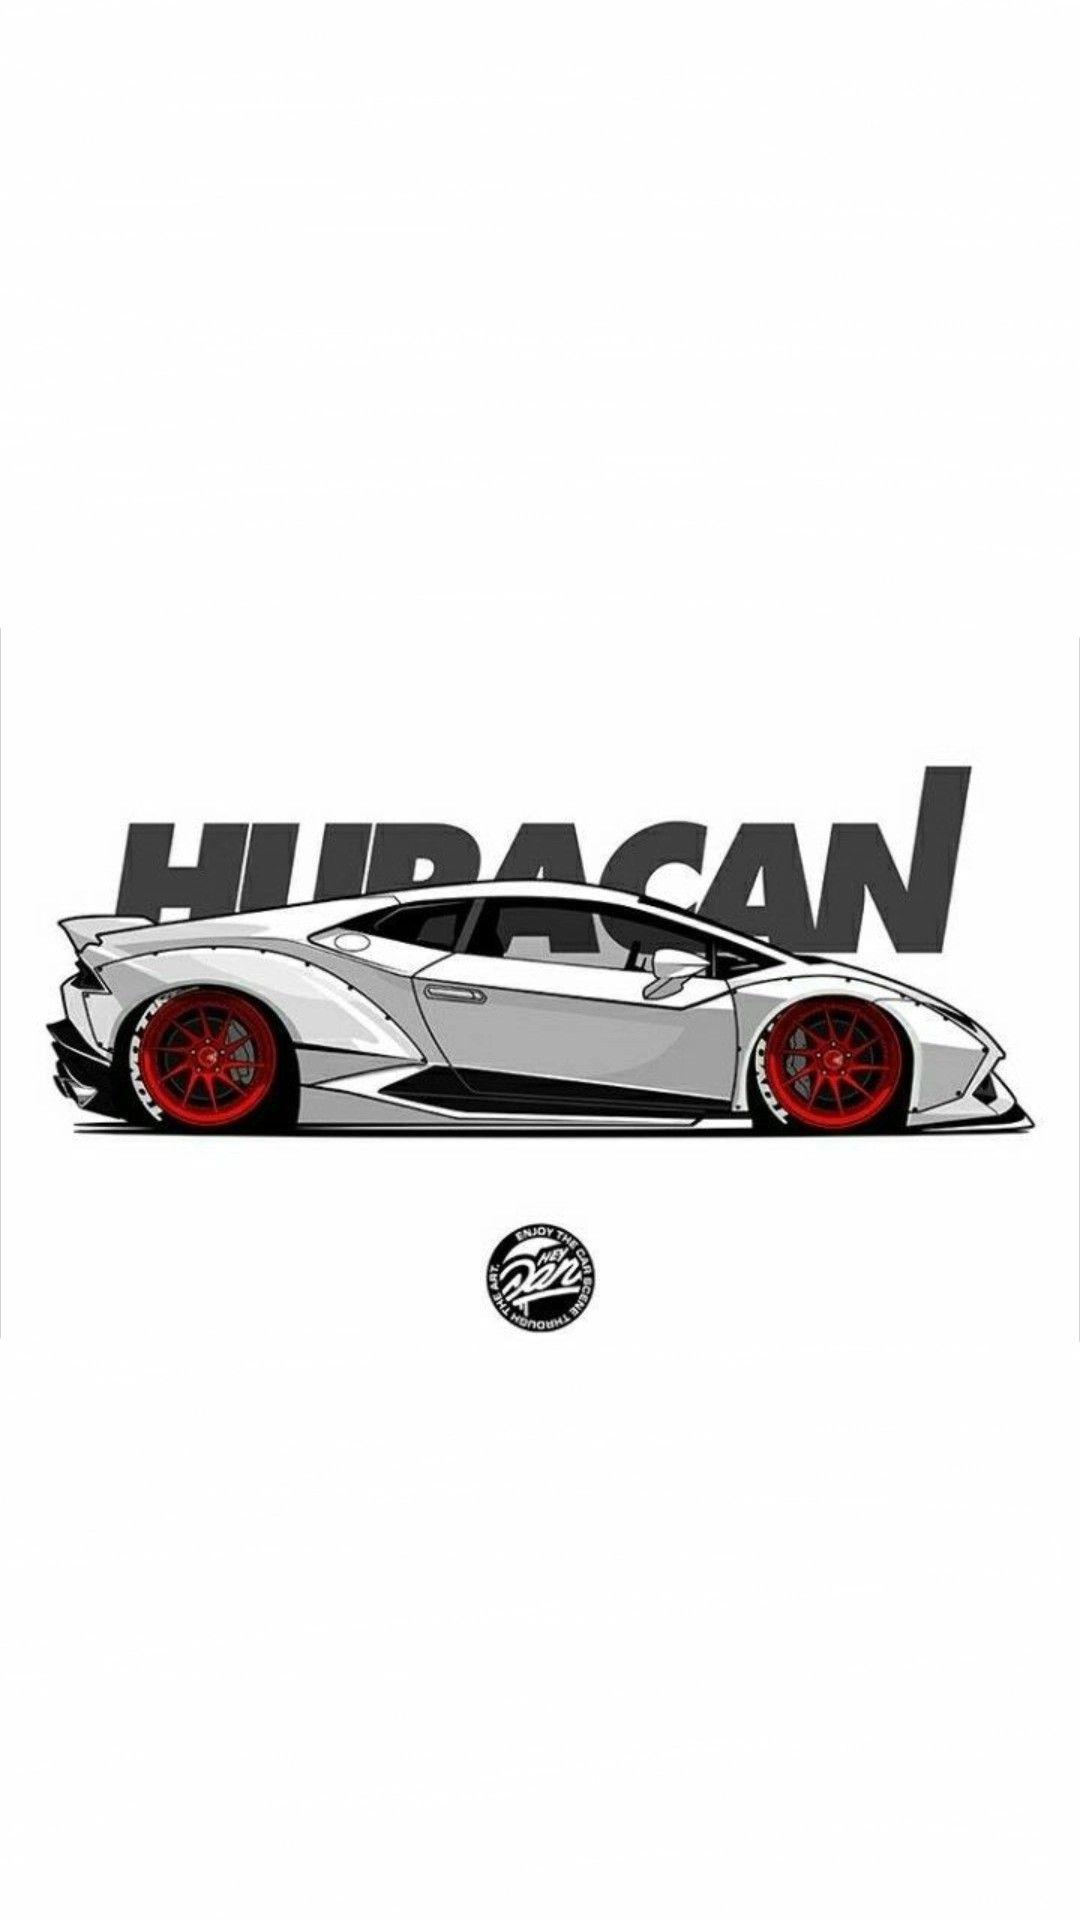 Lamborghini Huracan Superdeportivos Como Dibujar Coches Dibujos De Coches